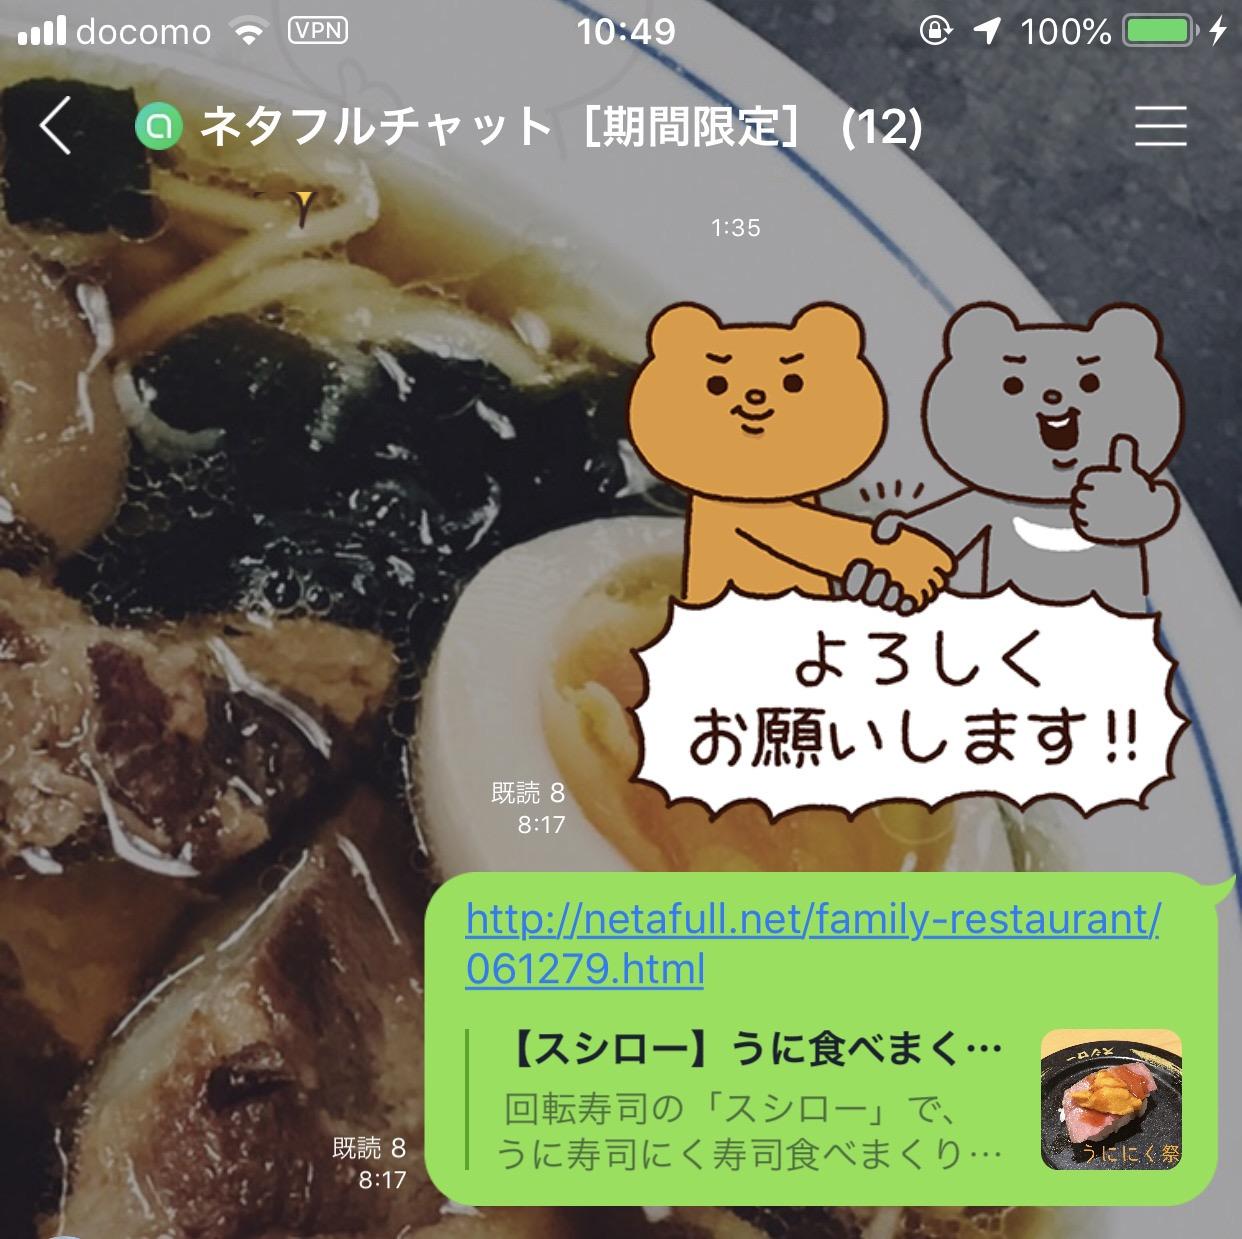 誰でも参加できるLINEグループチャット「OpenChat(オープンチャット)」をテスト中